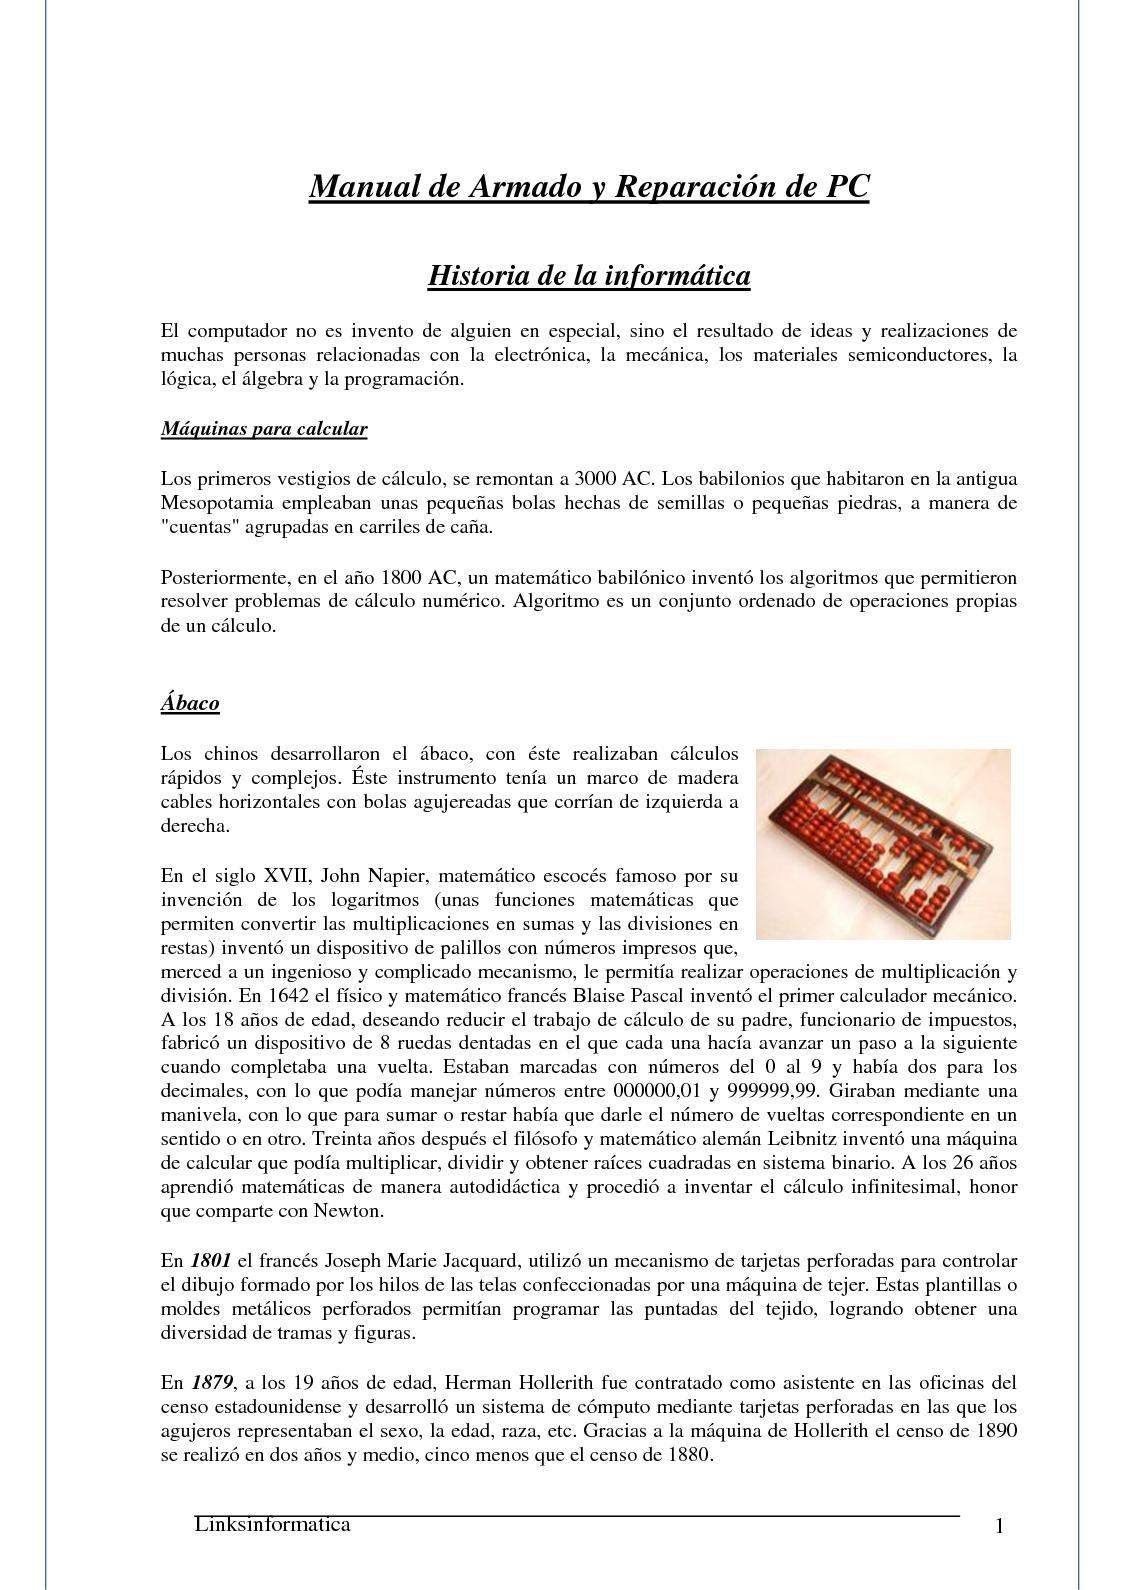 Calaméo - Manual De Armado Y Reparacion De Pc 1